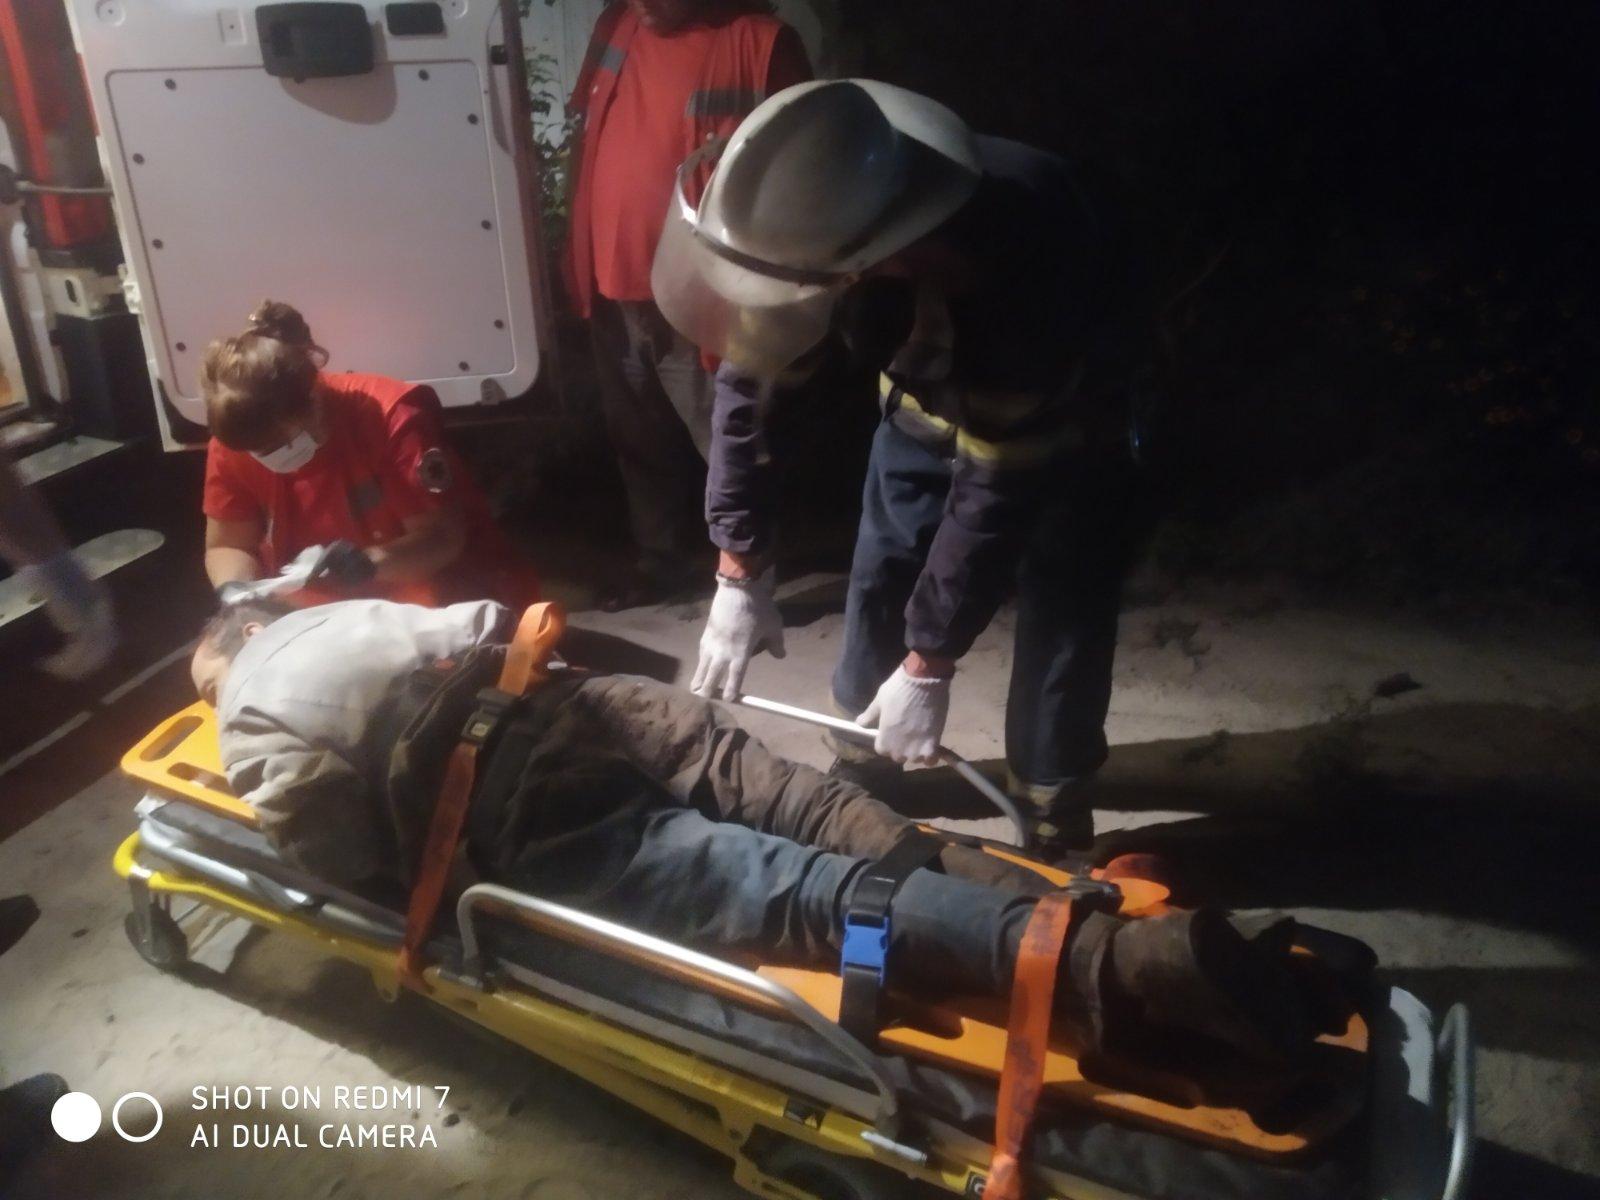 У Василькові чоловік впав в оглядову яму -  - viber image 2020 07 27 23 58 45